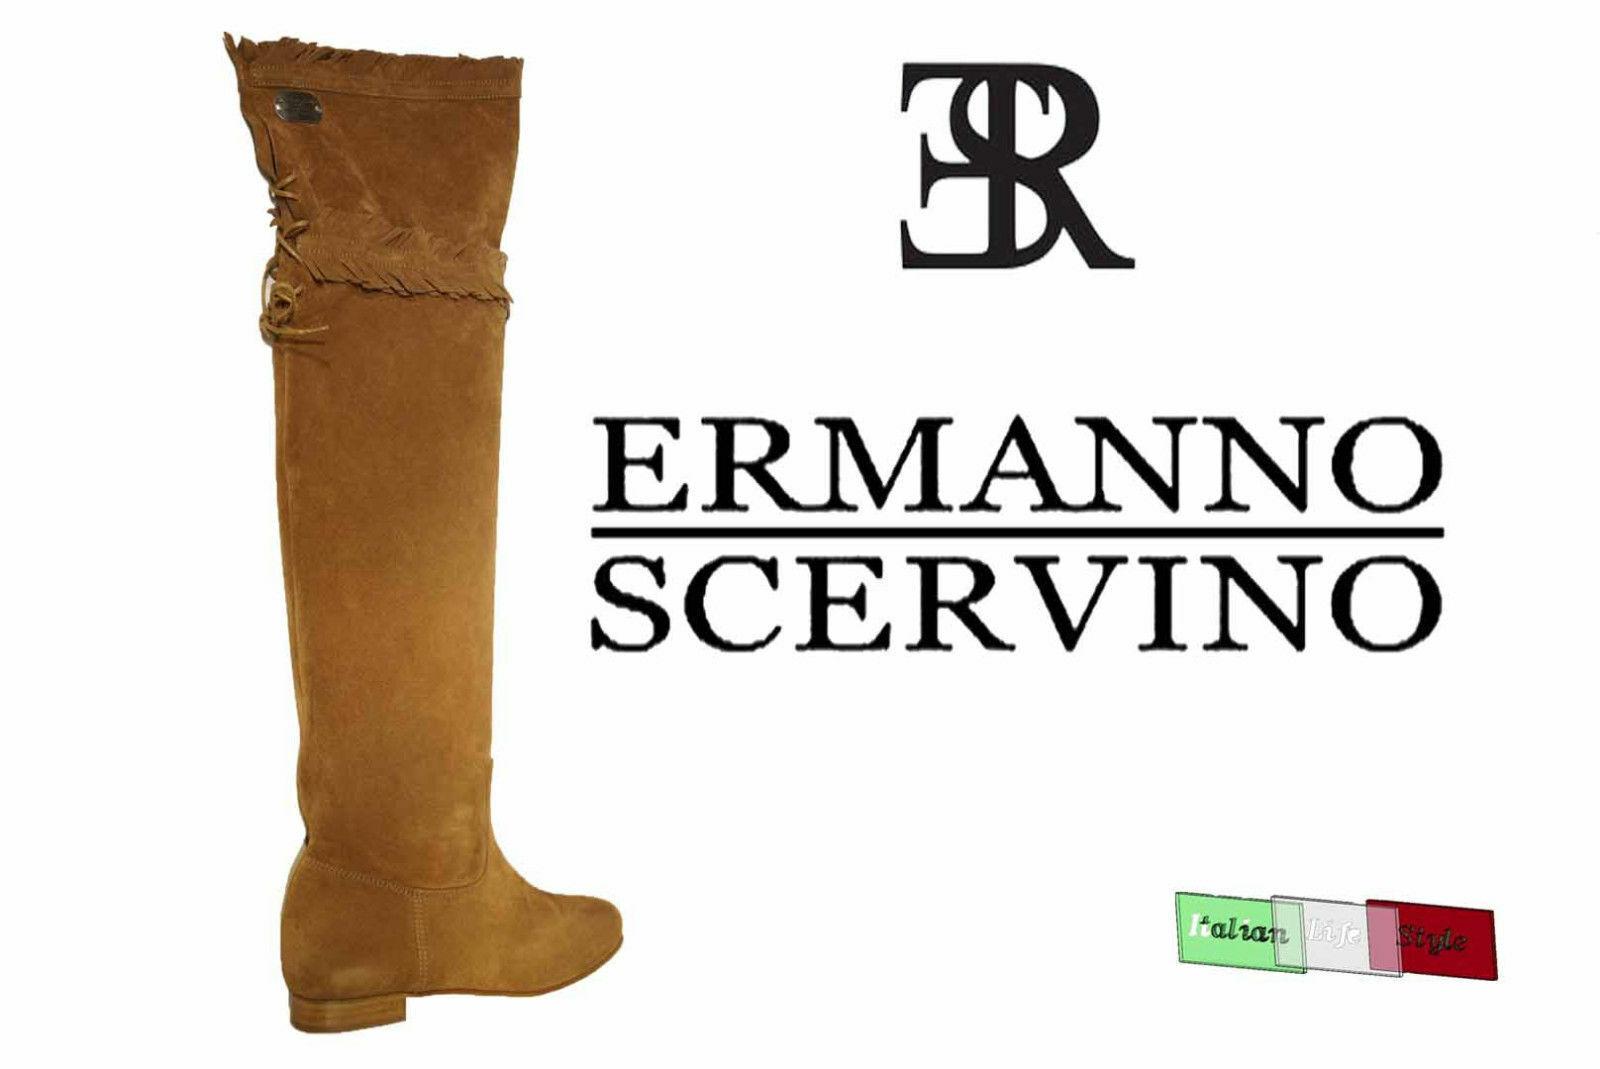 Nuevo zapatos señora botas Ermanno Scervino UK 3 UE 36 Made in